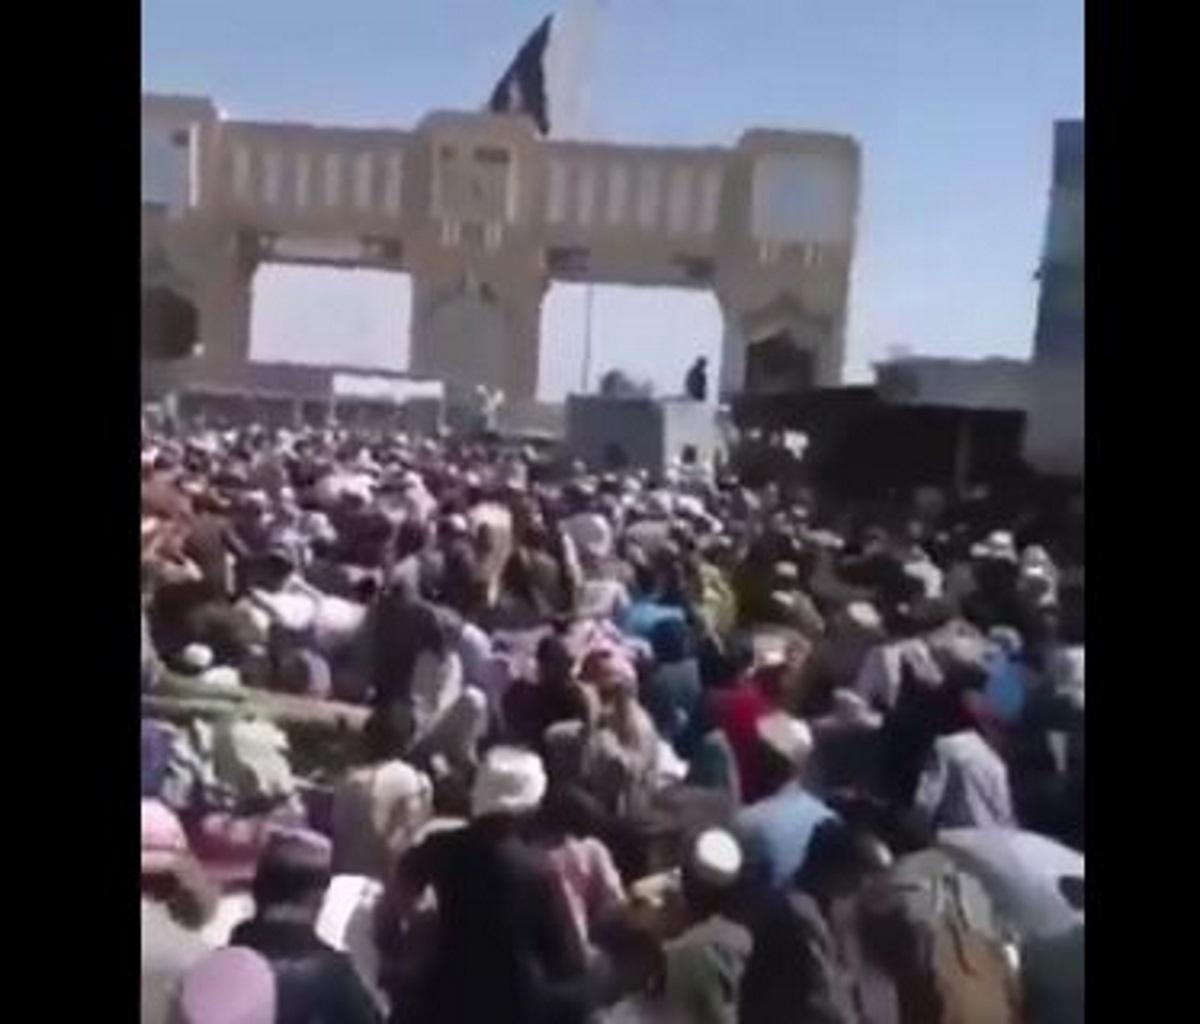 Αφγανιστάν: Ποδοπατούνται στα σύνορα με το Πακιστάν για να γλιτώσουν από τους Ταλιμπάν